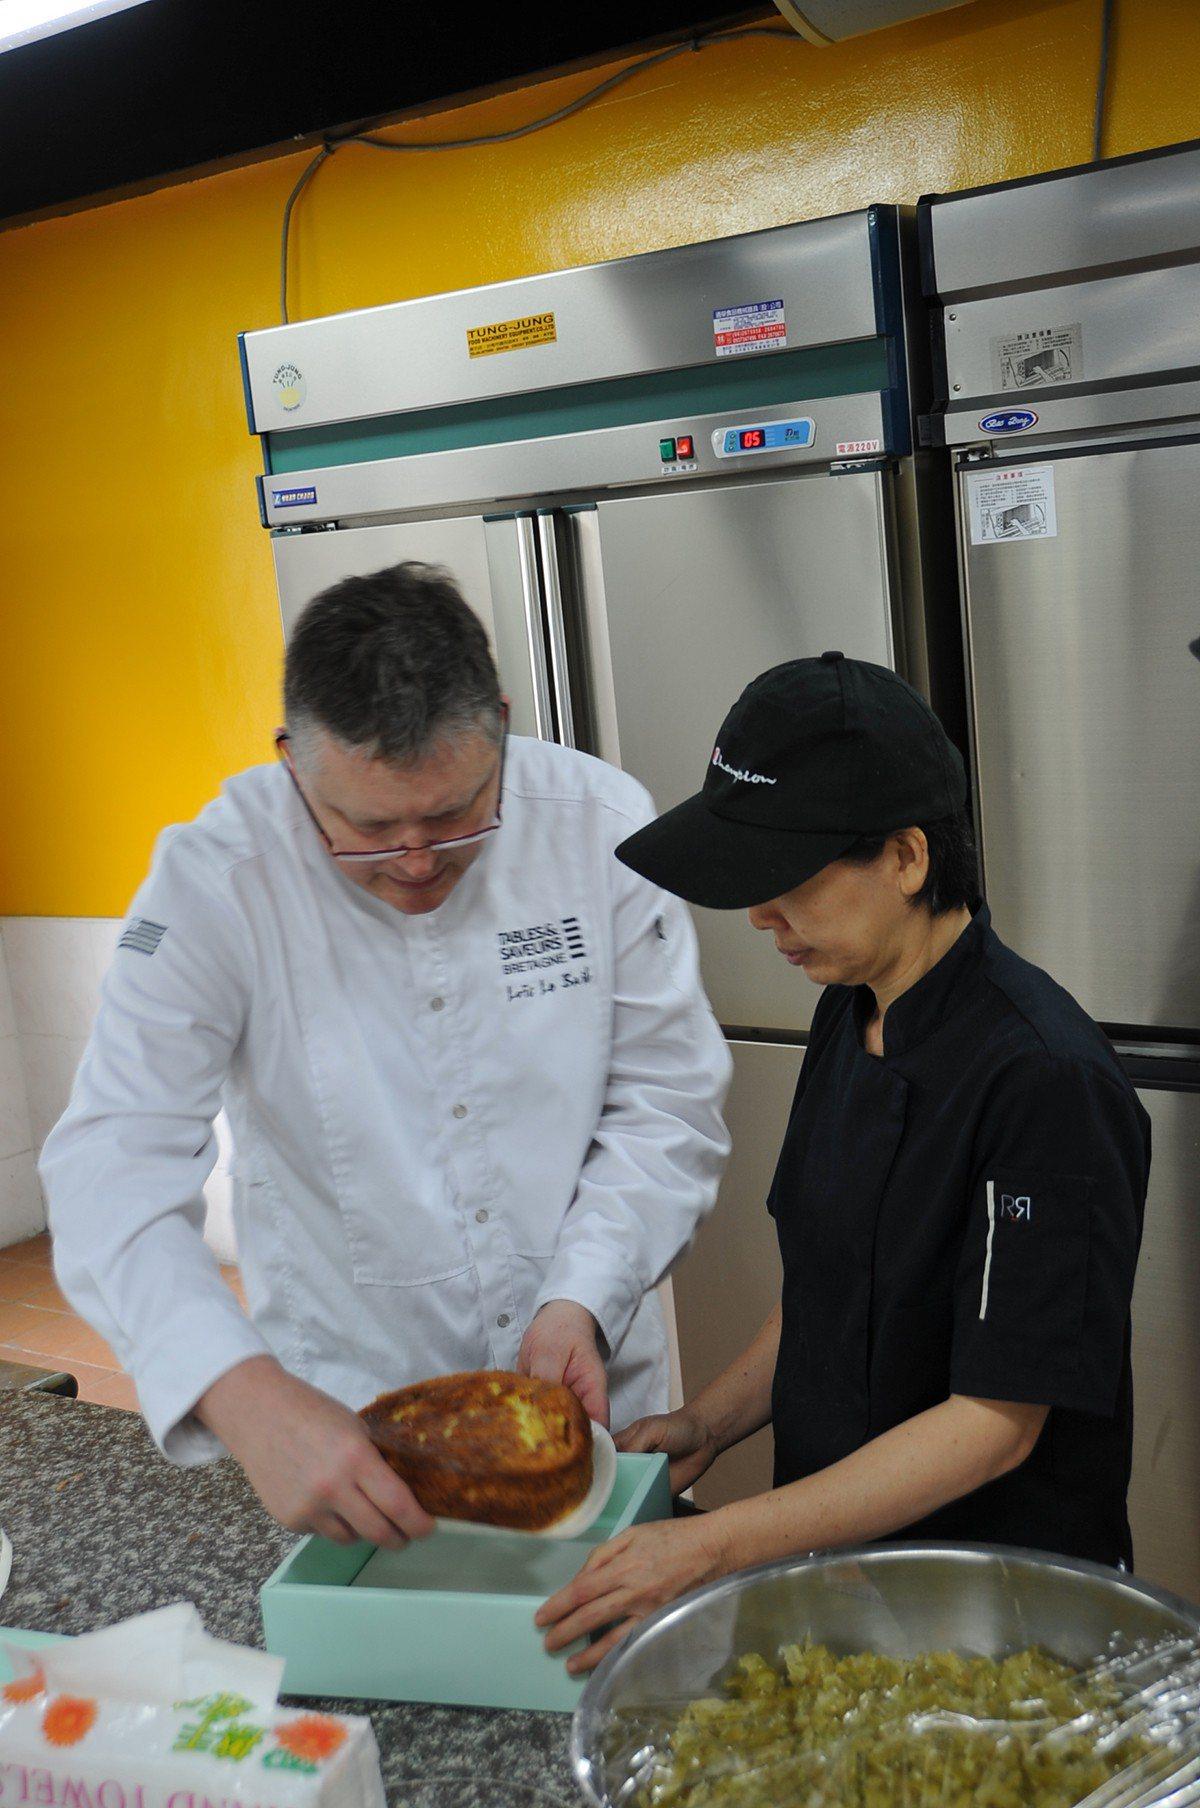 Loïc Le Bail主廚製作法國布列塔尼甜點 圖/臺灣觀光學院 提供